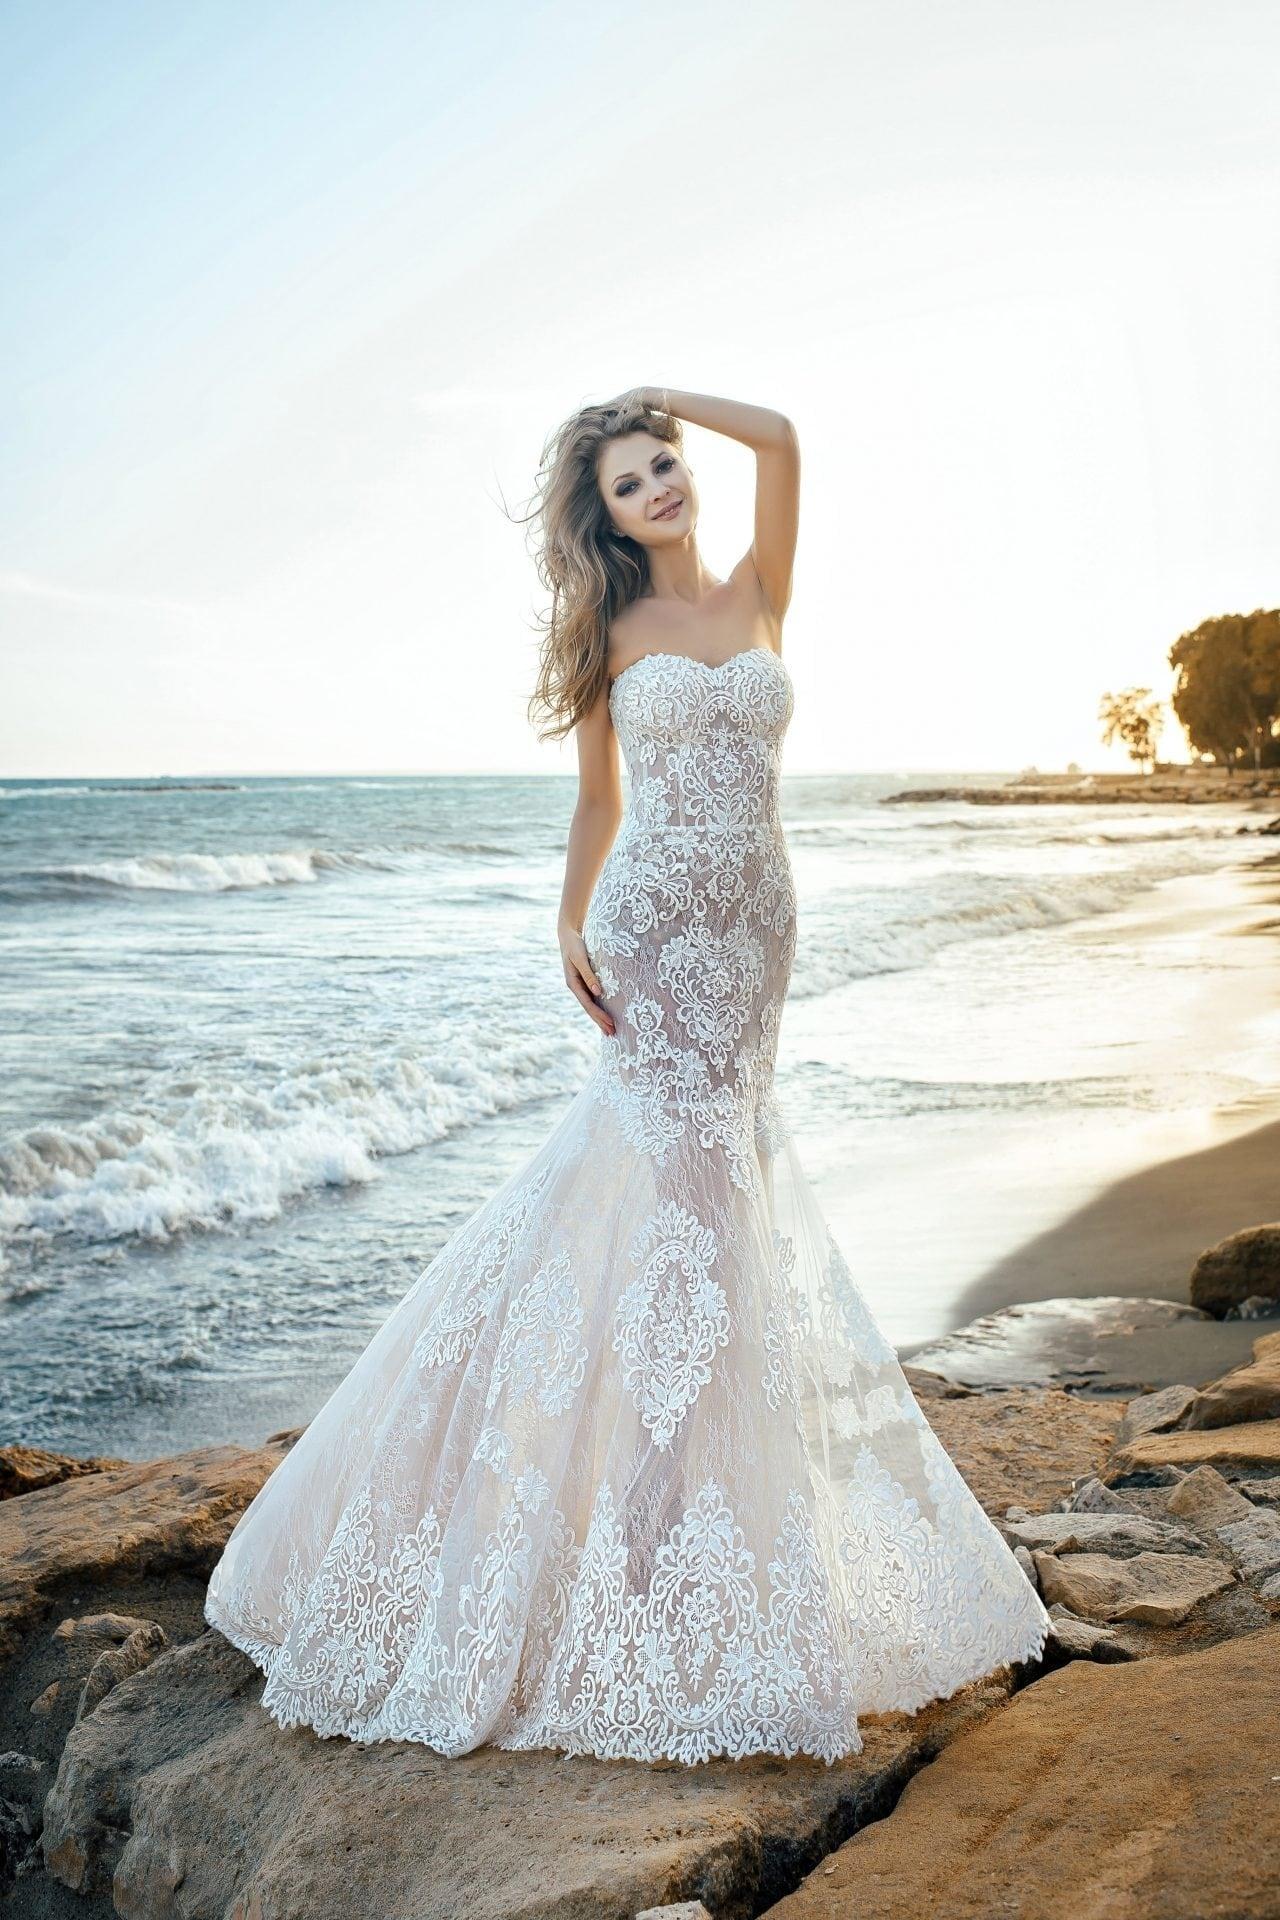 15 Kreativ Braut Und Abendmode VertriebDesigner Wunderbar Braut Und Abendmode Design